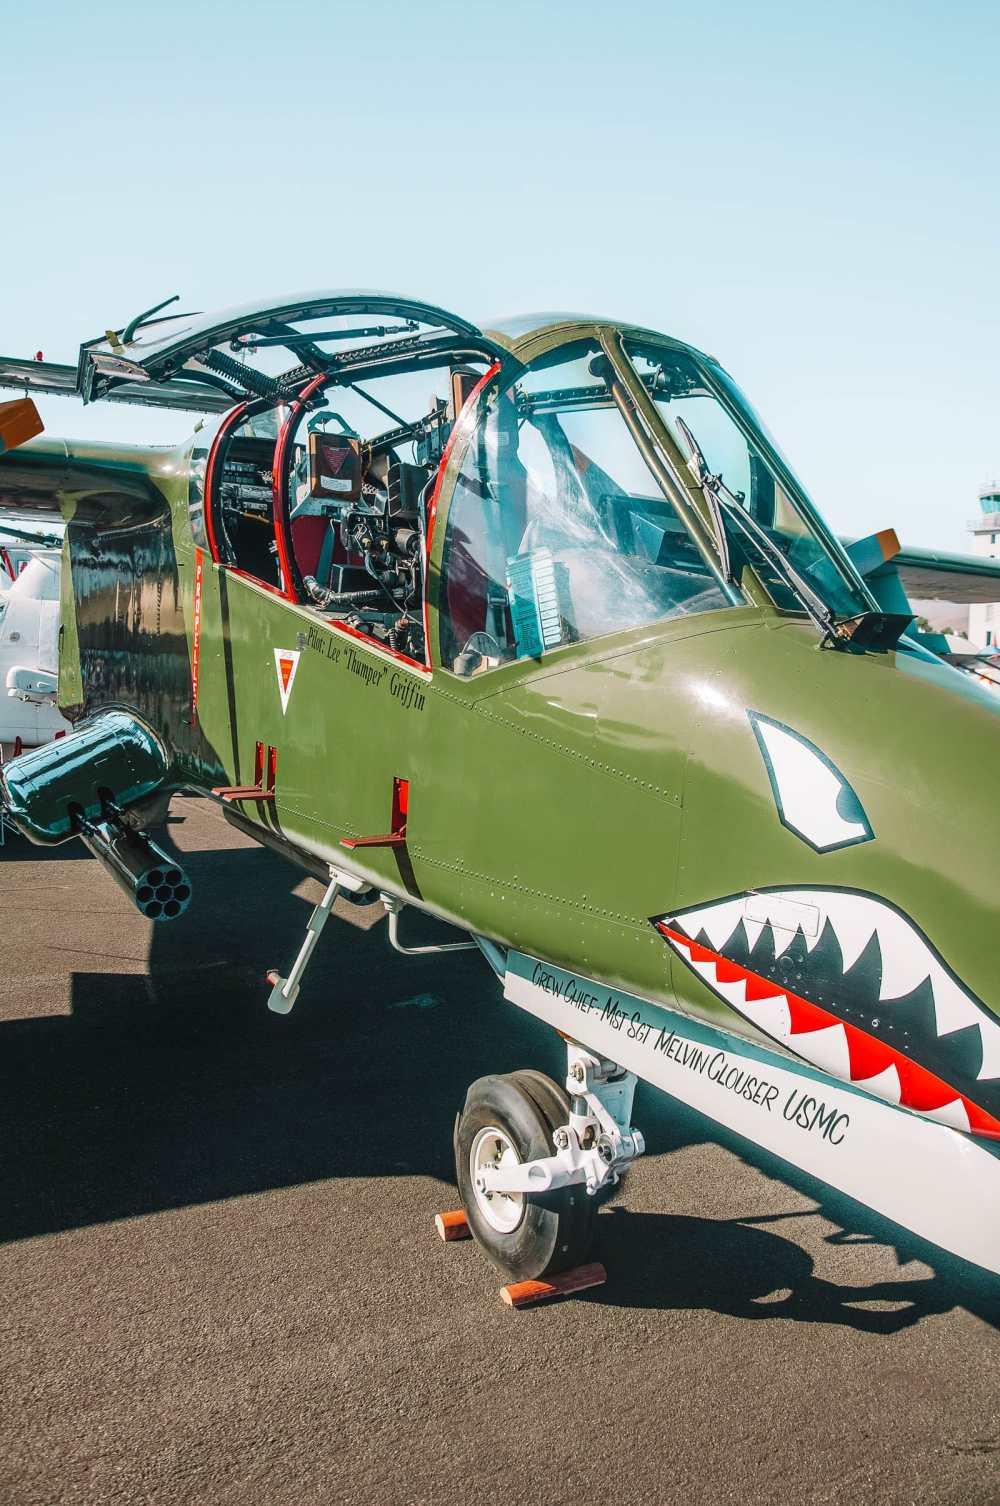 Воздушные гонки, которые проходят в Рино